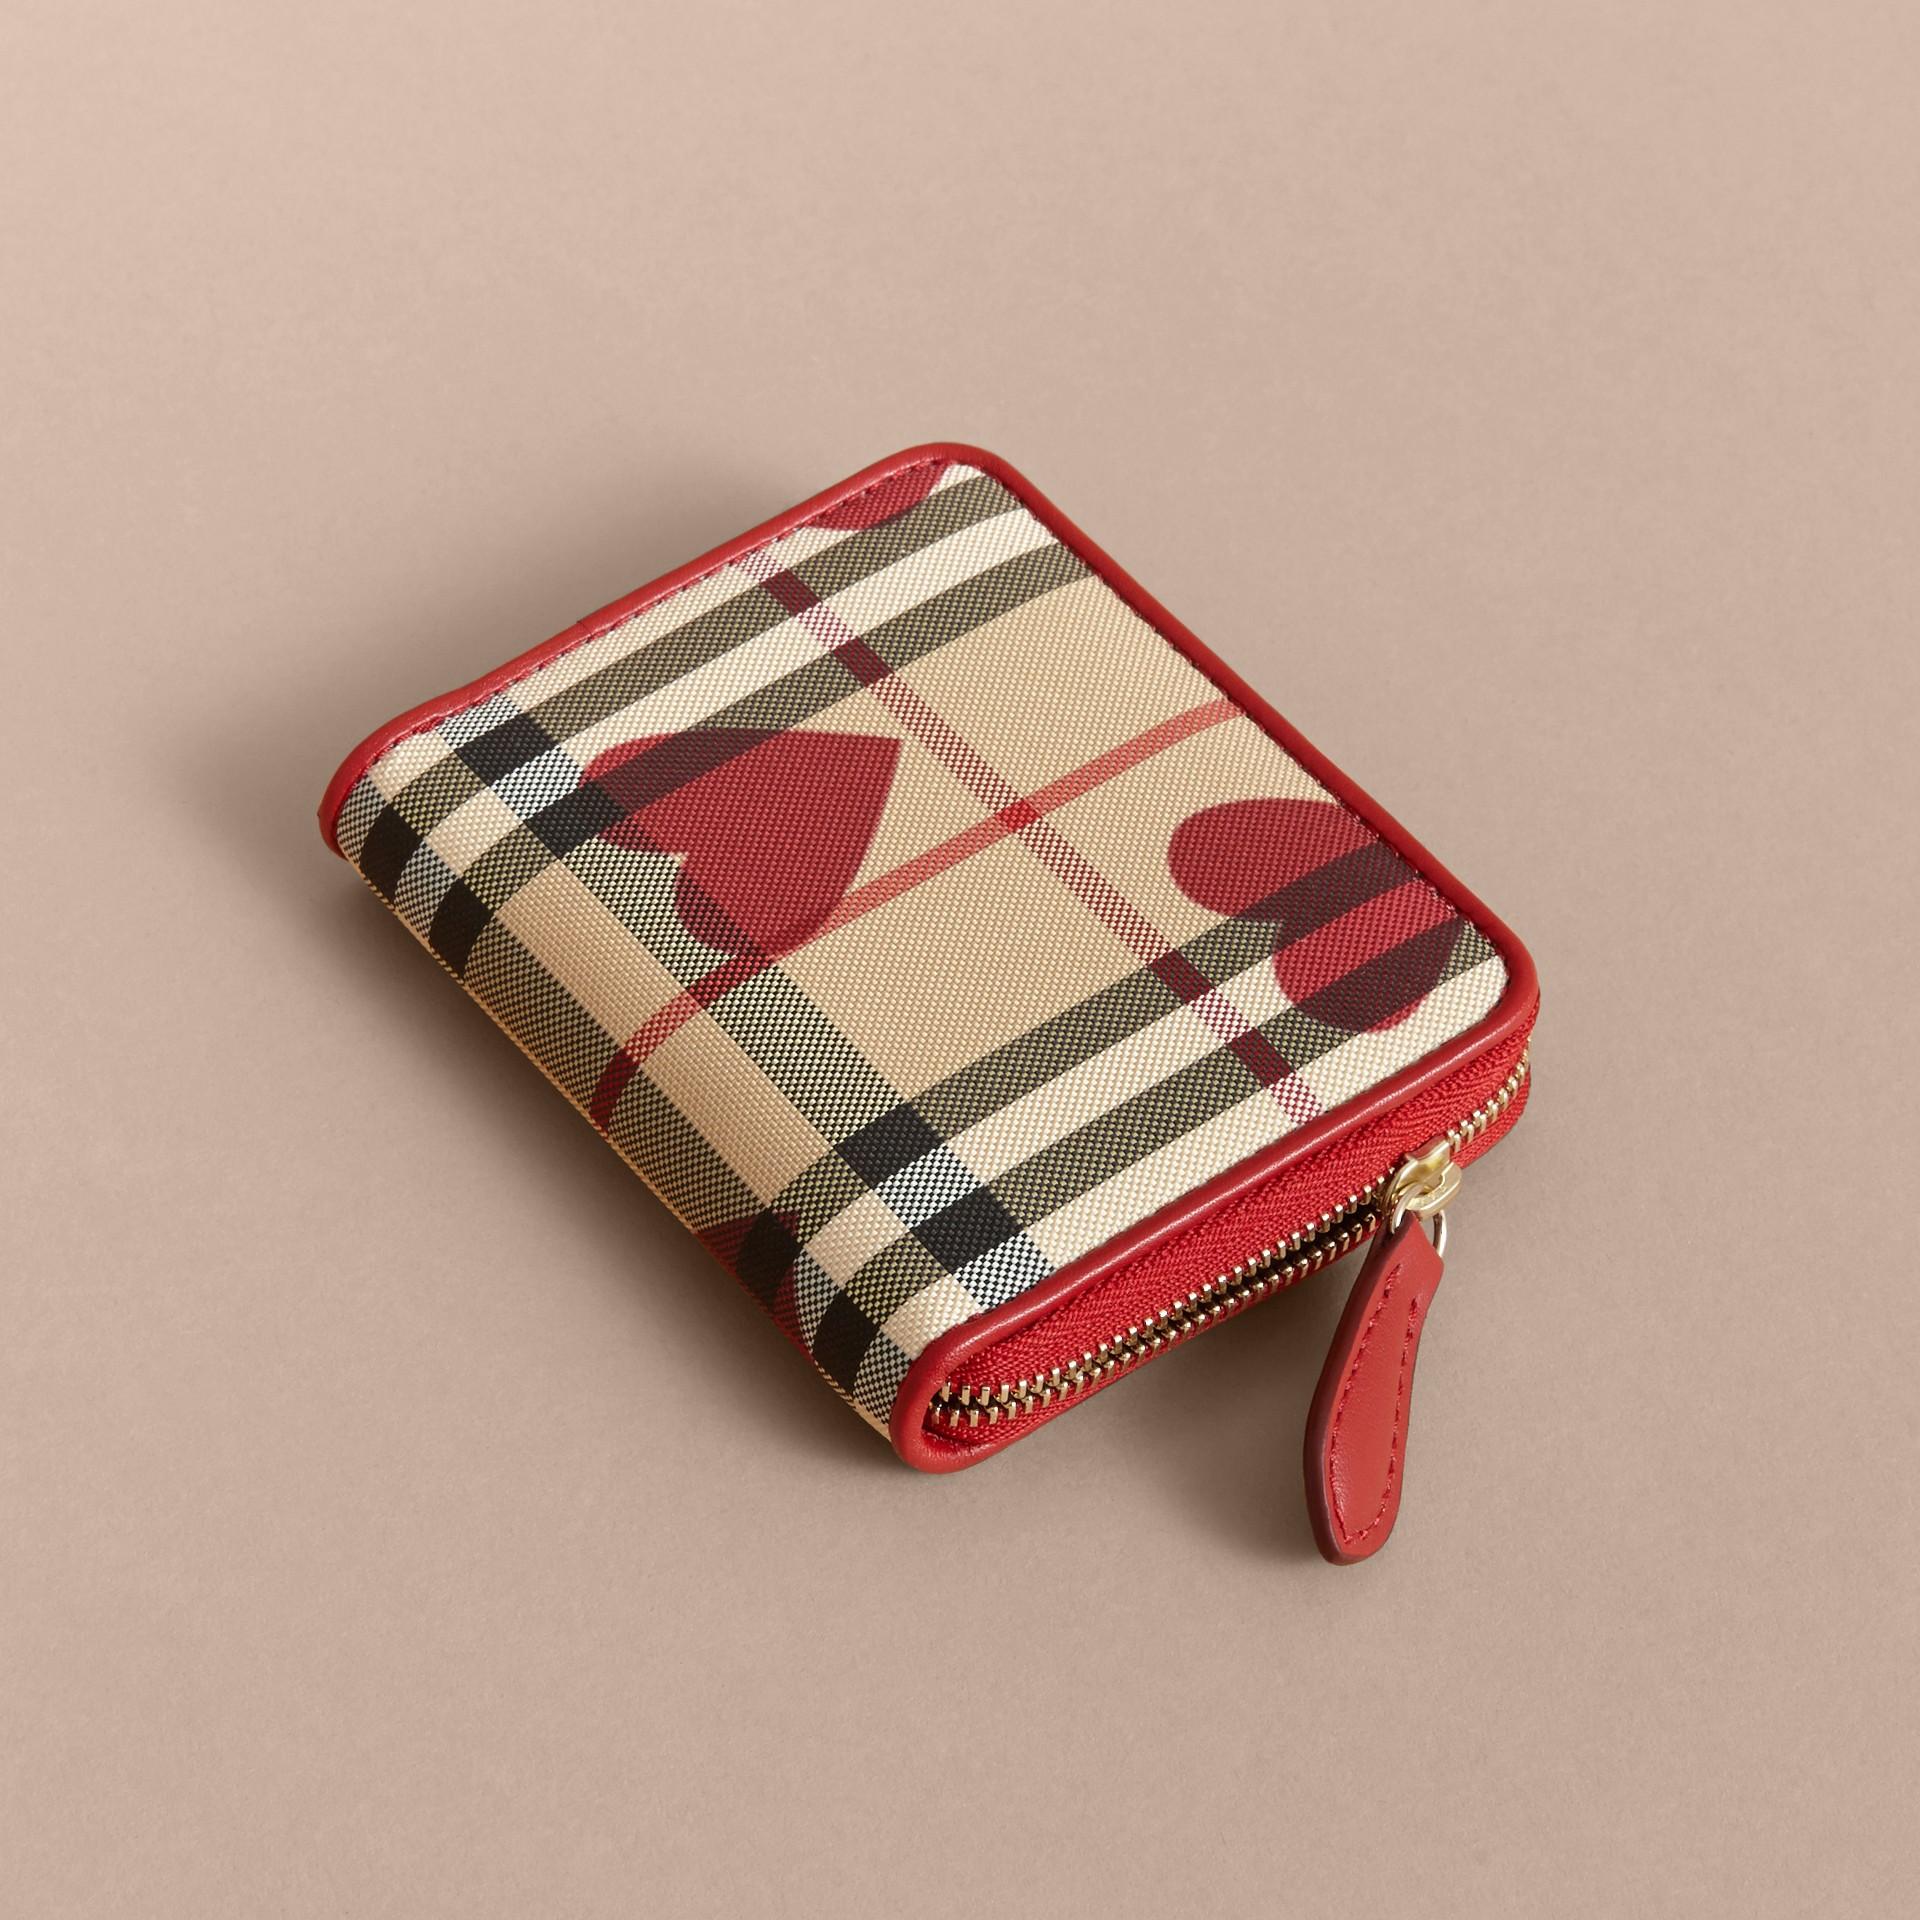 繽紛鮮紅色 心型印花 Horseferry 格紋小型環繞式拉鍊皮夾 - 圖庫照片 4